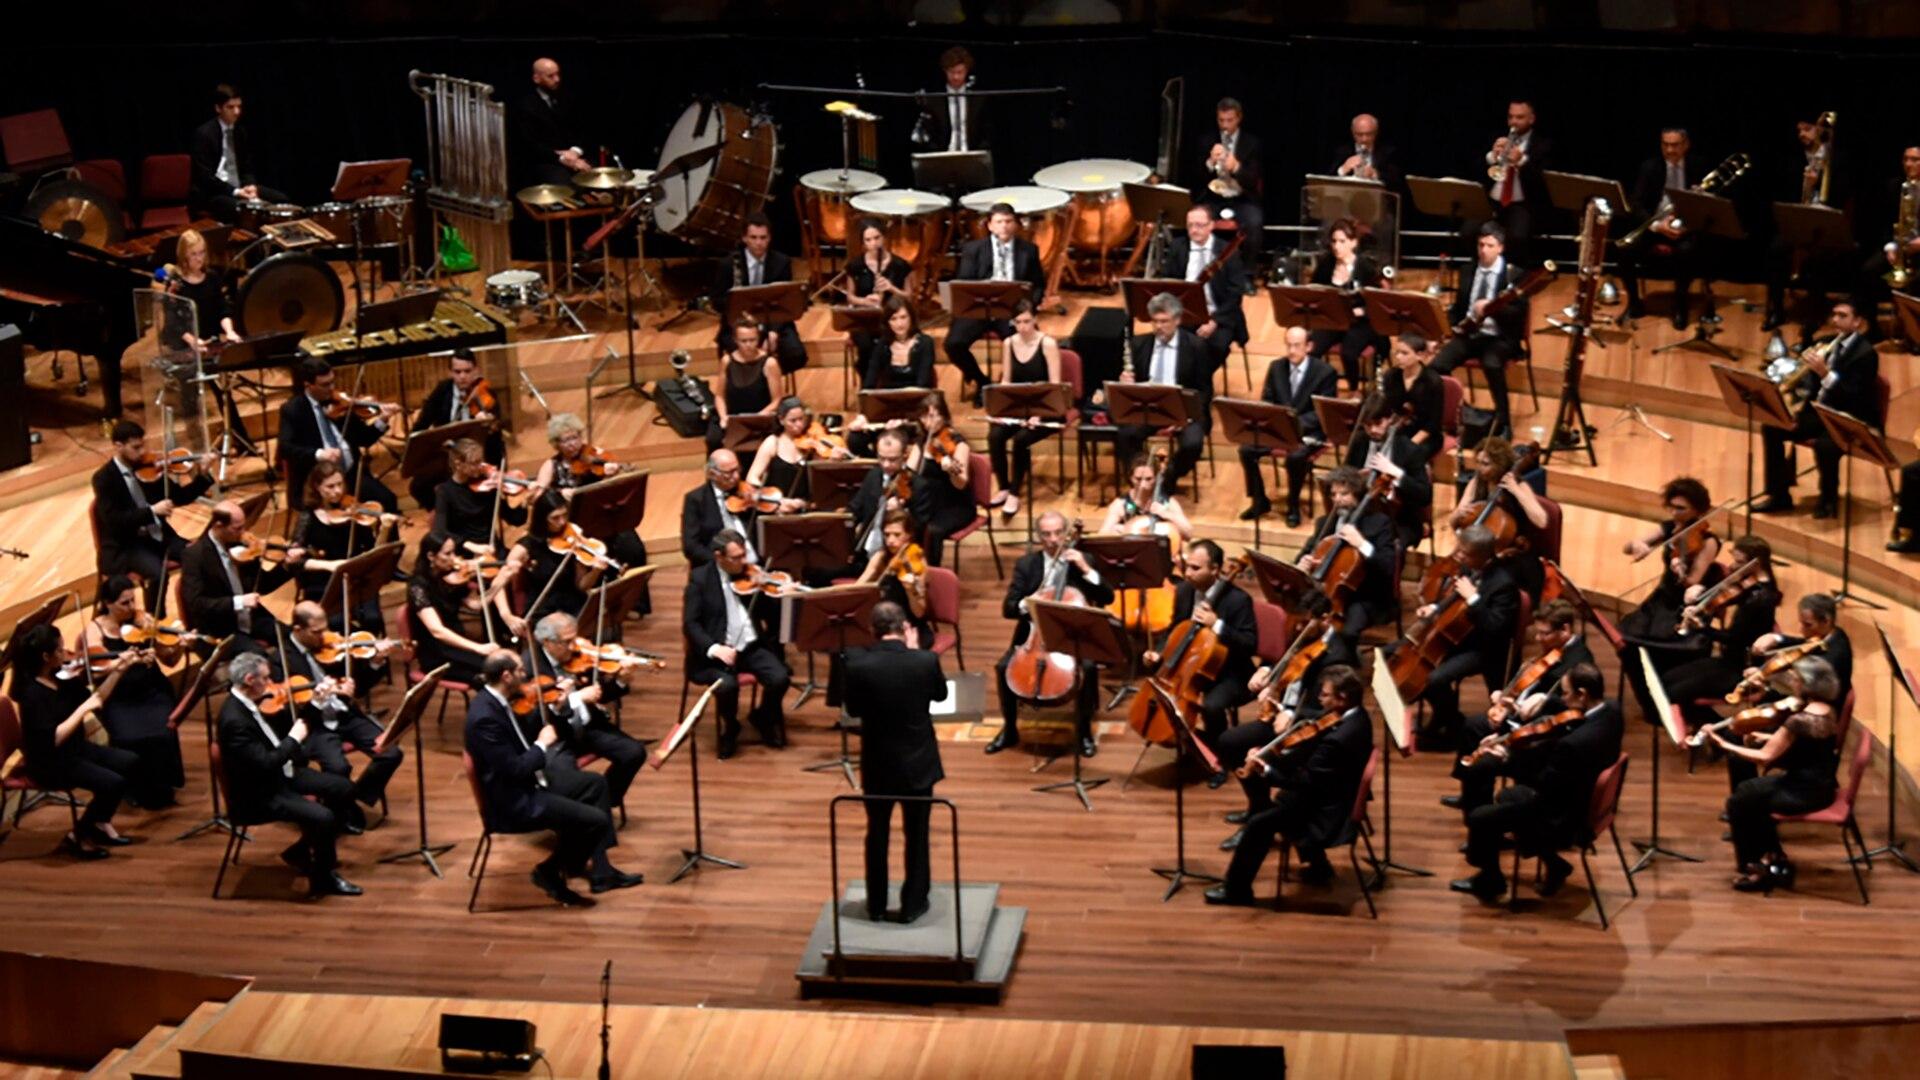 La Orquesta Sinfónica Nacional realizará encuentros de formación virtual y  gratuita - Aptus | Noticias de educación, cultura, arte, formación y  capacitación